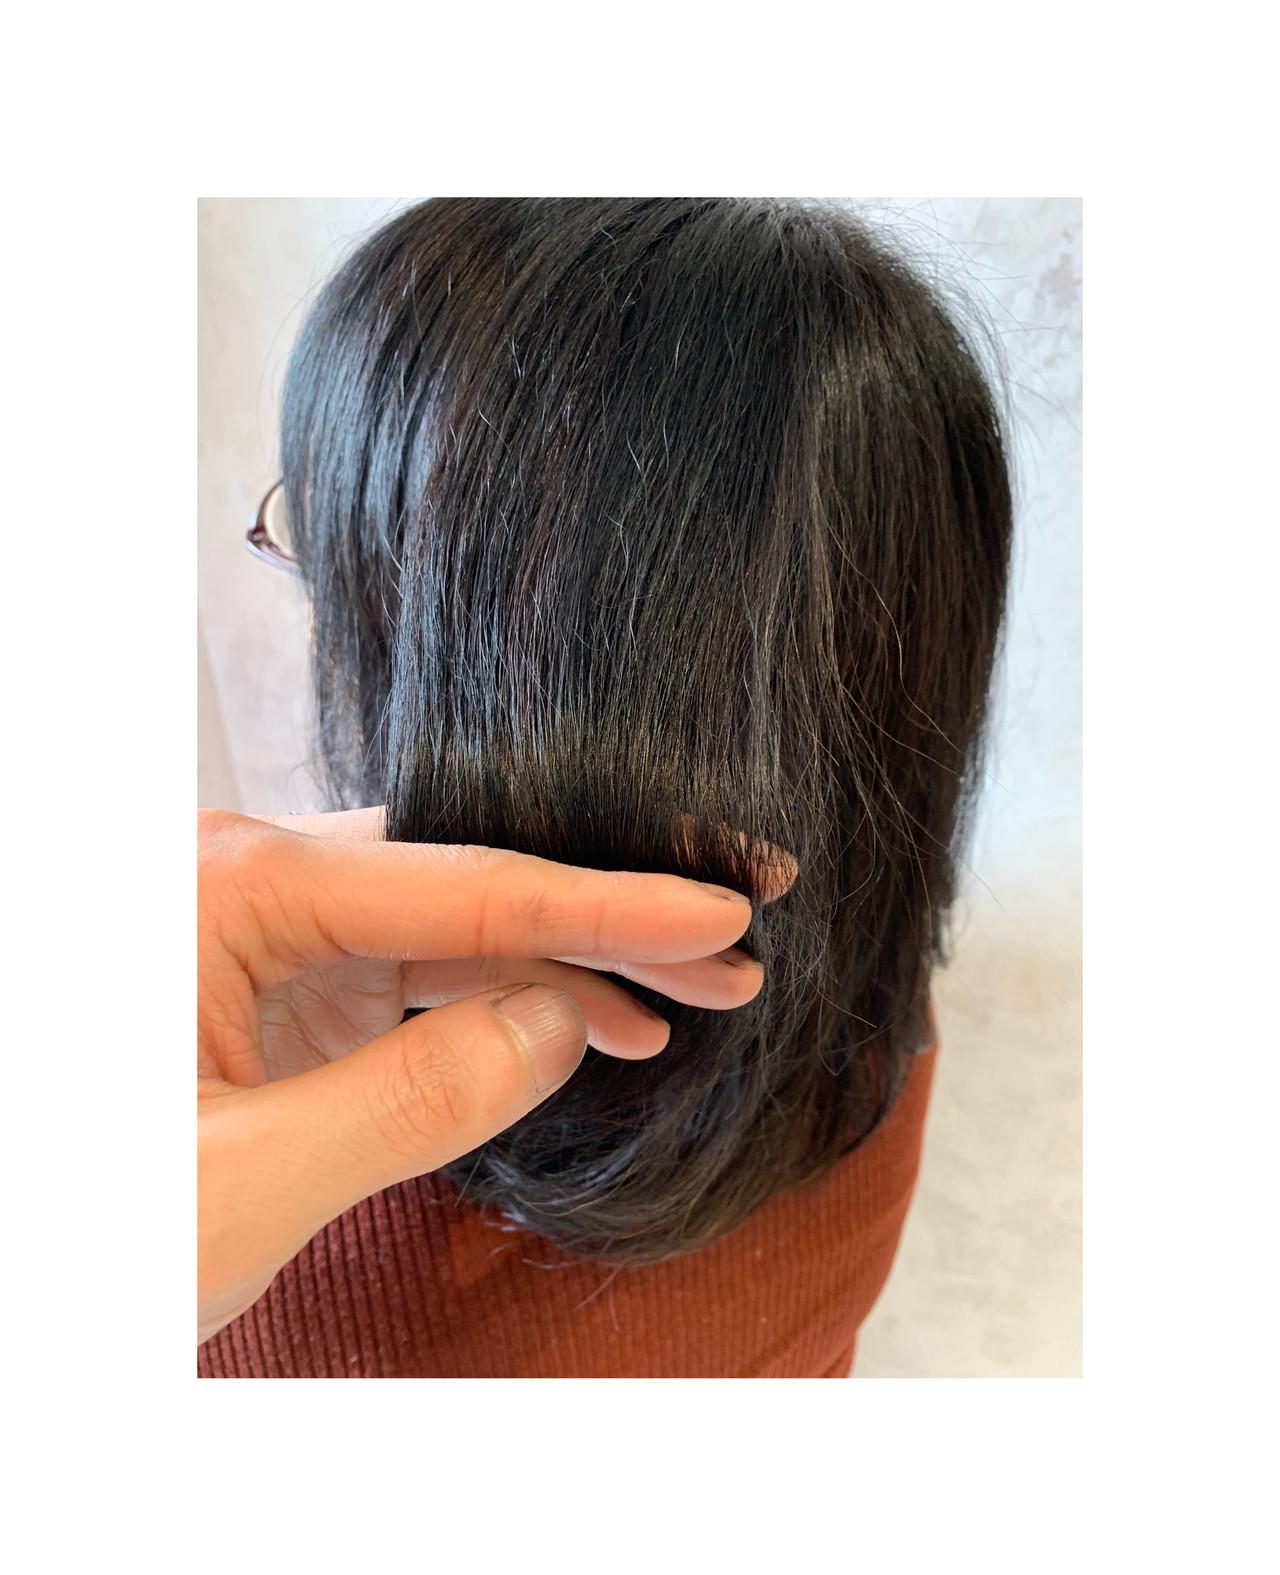 ナチュラル ミディアム 艶髪 ヘアスタイルや髪型の写真・画像 | 角谷 崇 / hair  Cou Cou